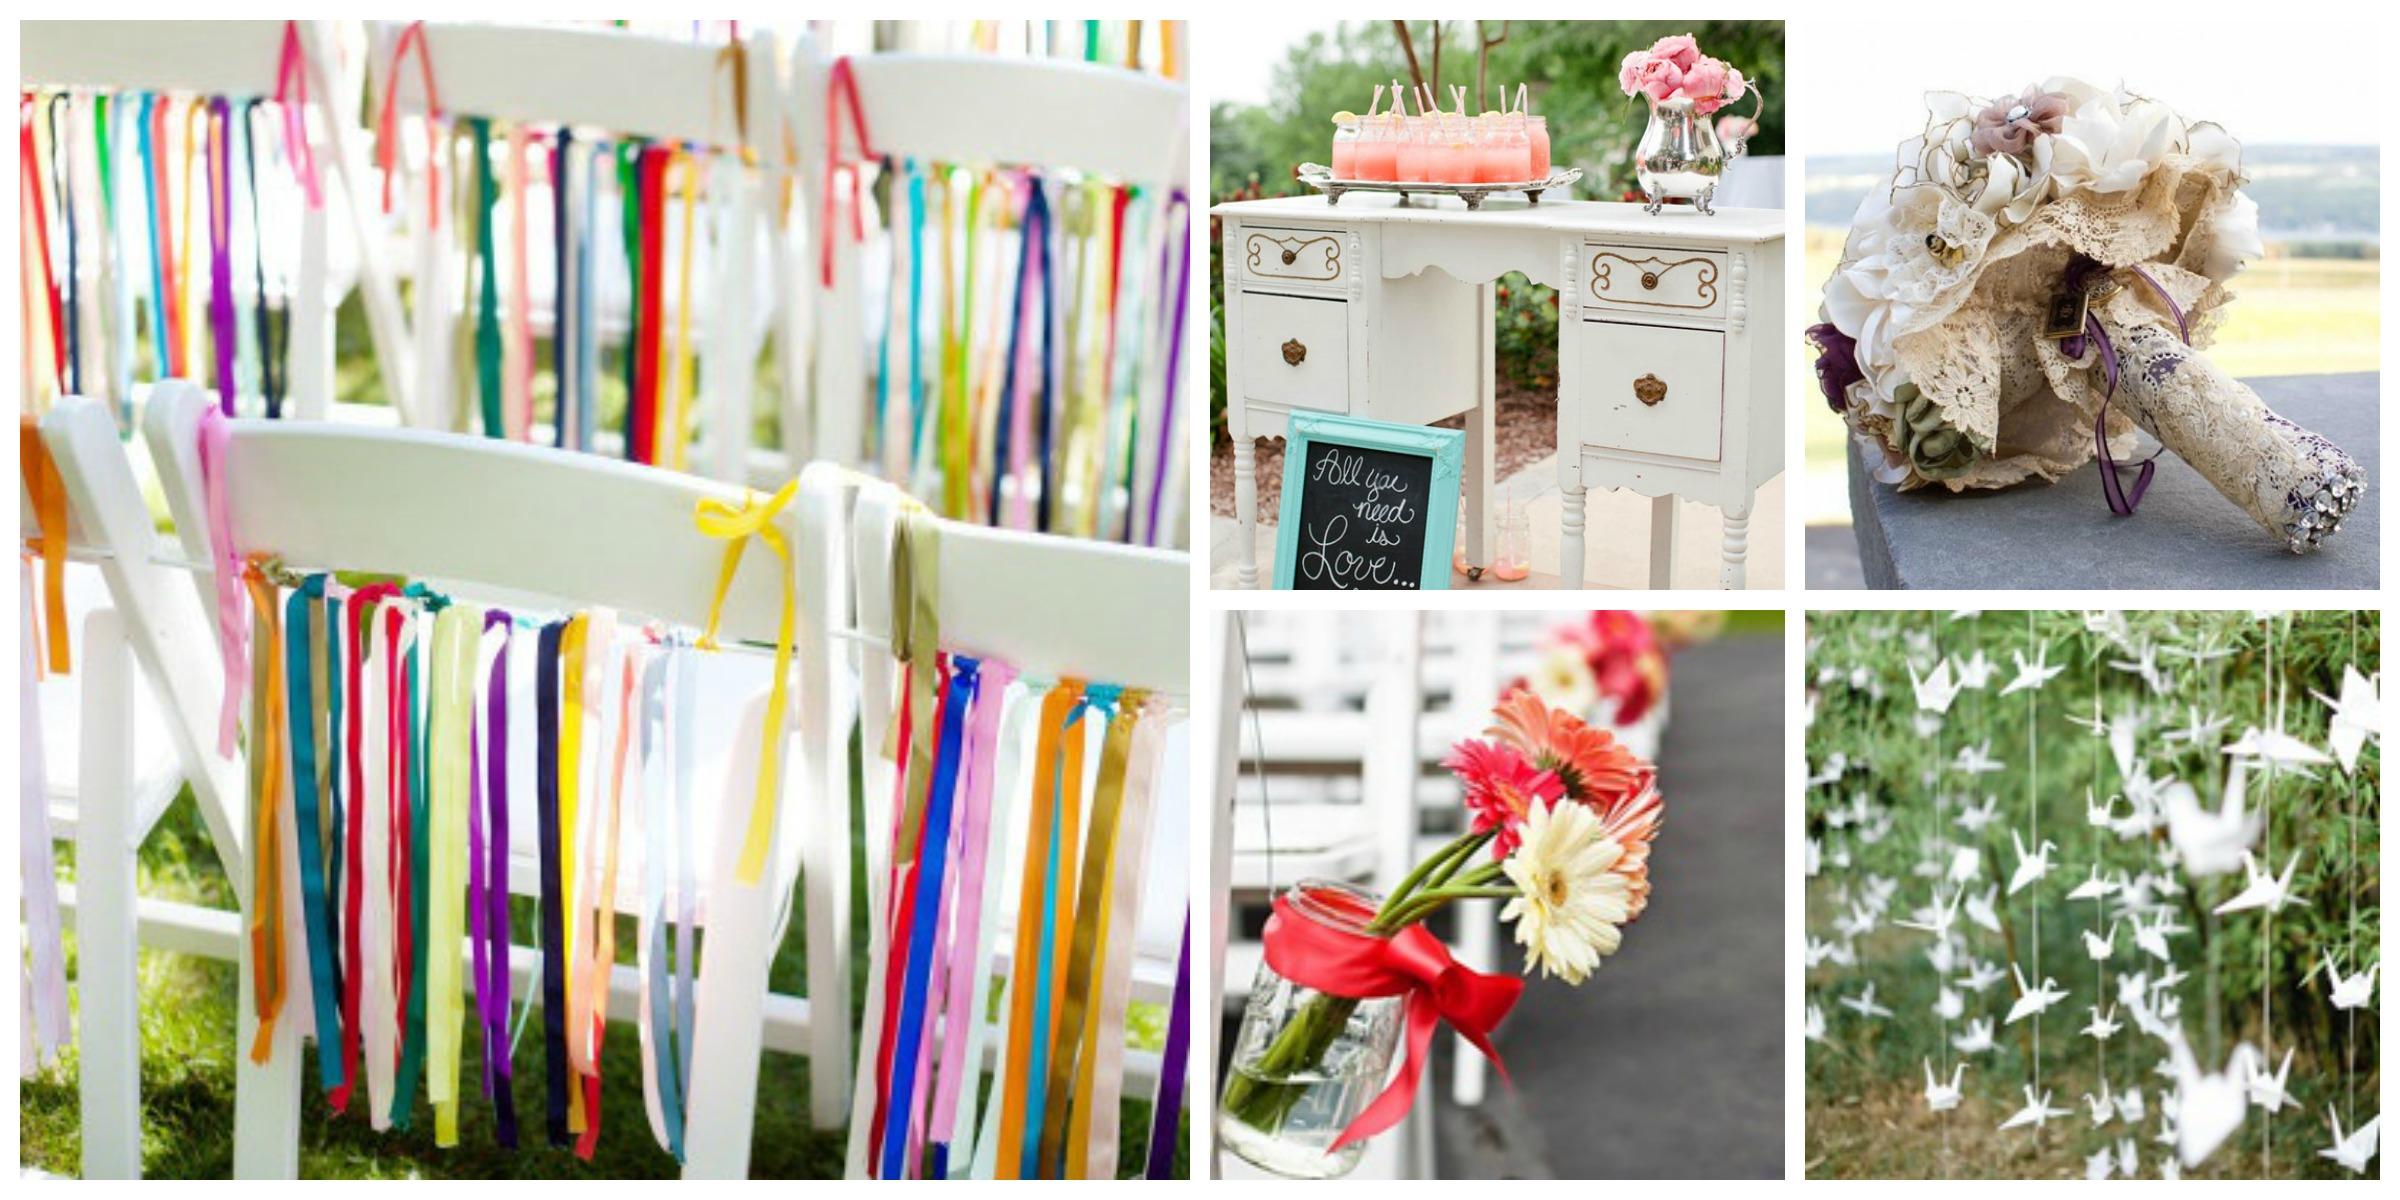 Iets Nieuws Genoeg Kleine Bruiloft Ideeen @PRW57 - AgnesWaMu &WZ04